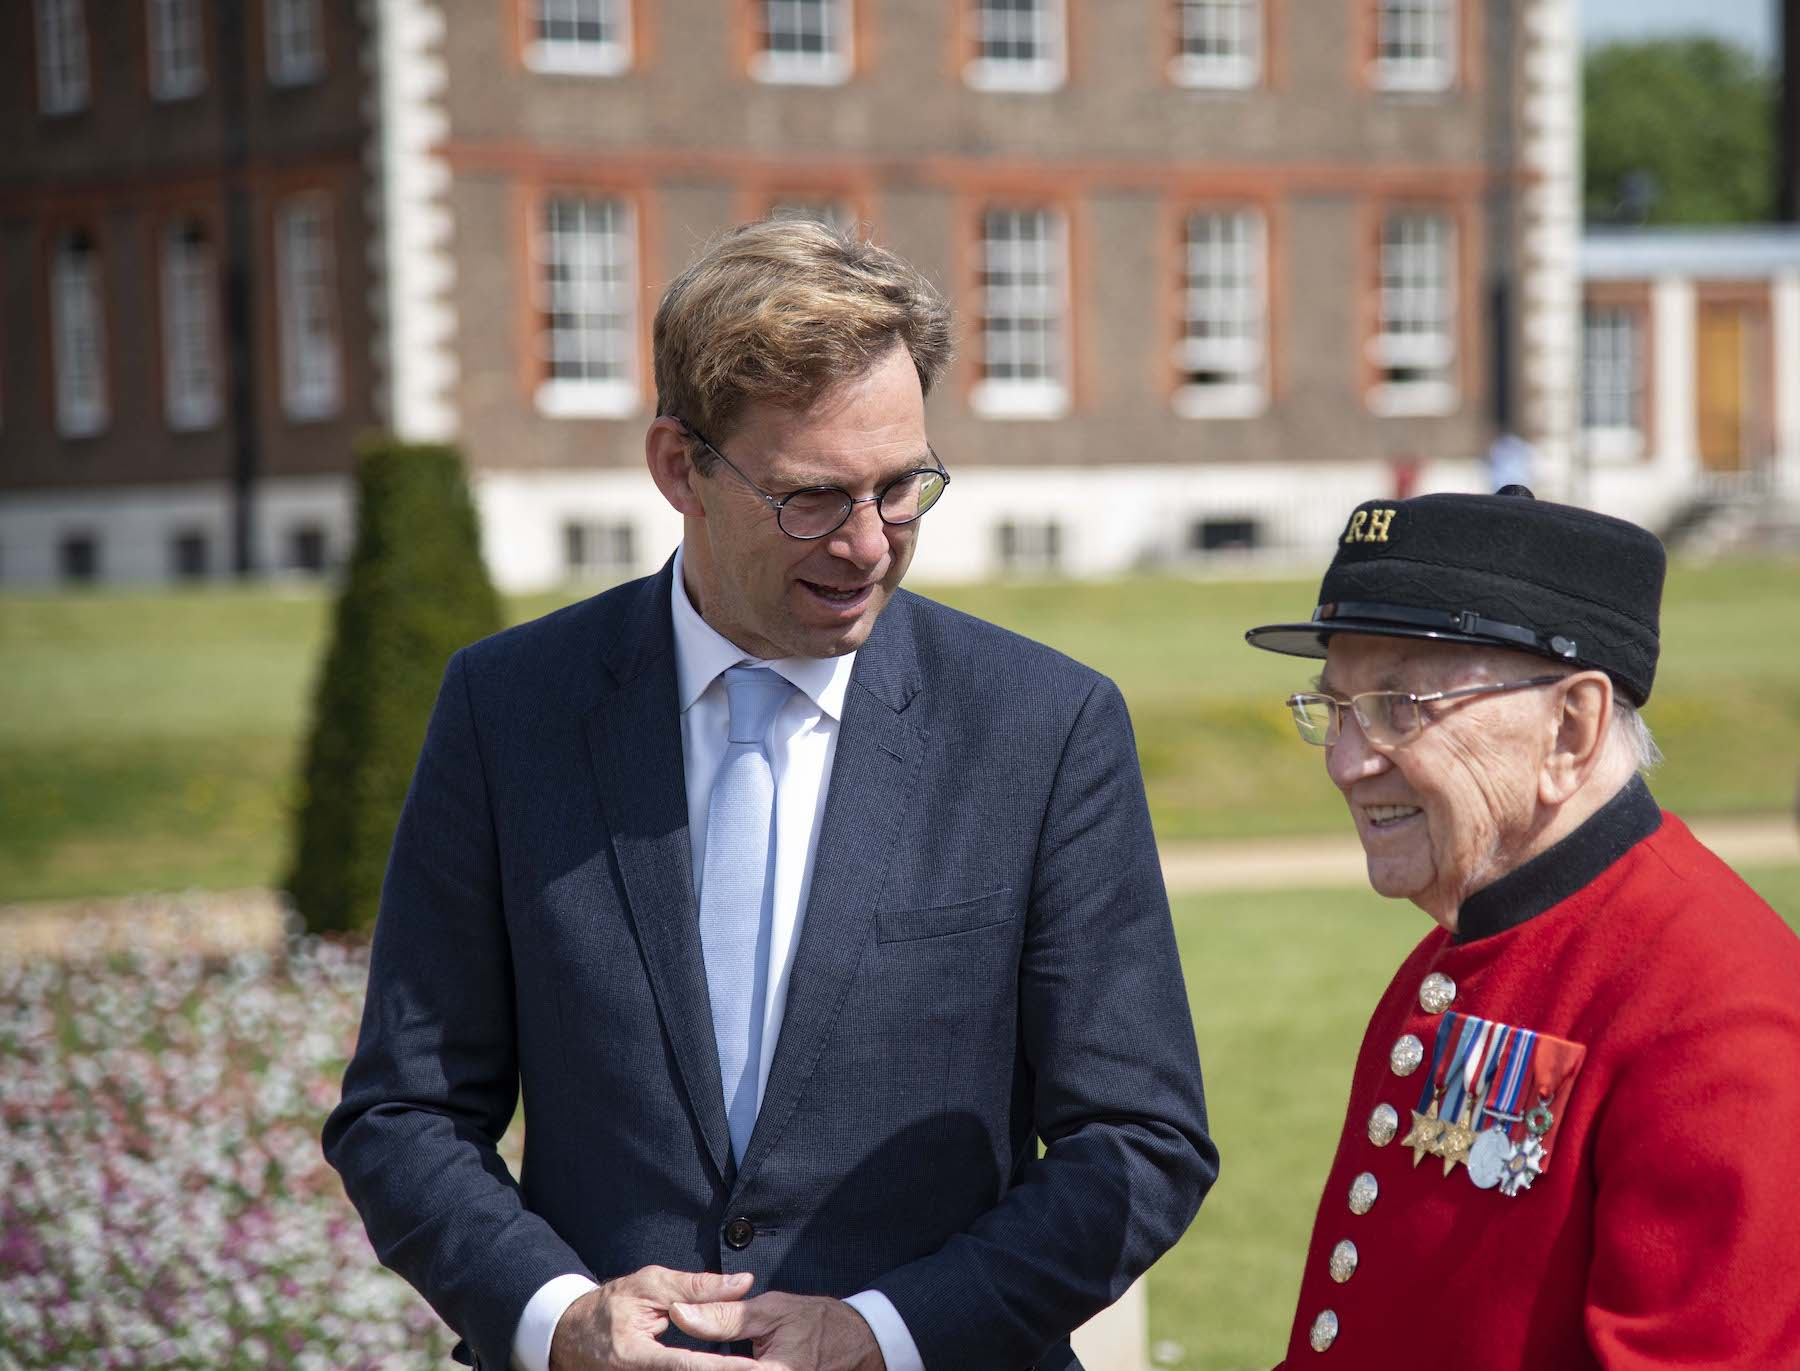 MP Tobias Ellwood meets Bill Fitzgerald